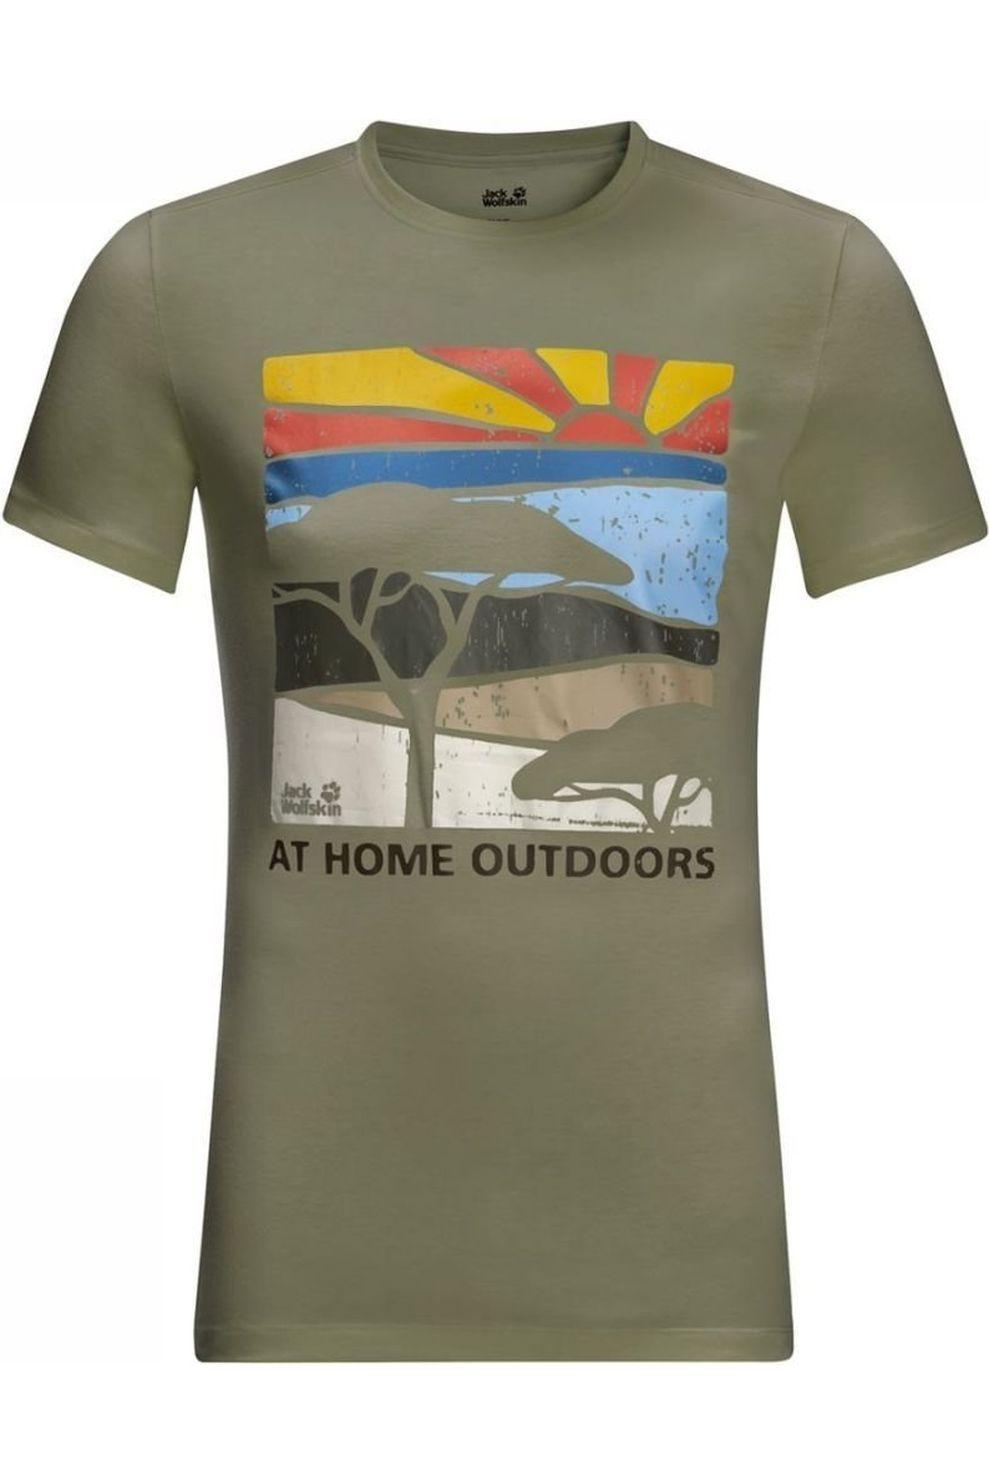 Jack Wolfskin T-Shirt Savannah voor heren - MiddenGroen - Maat: S